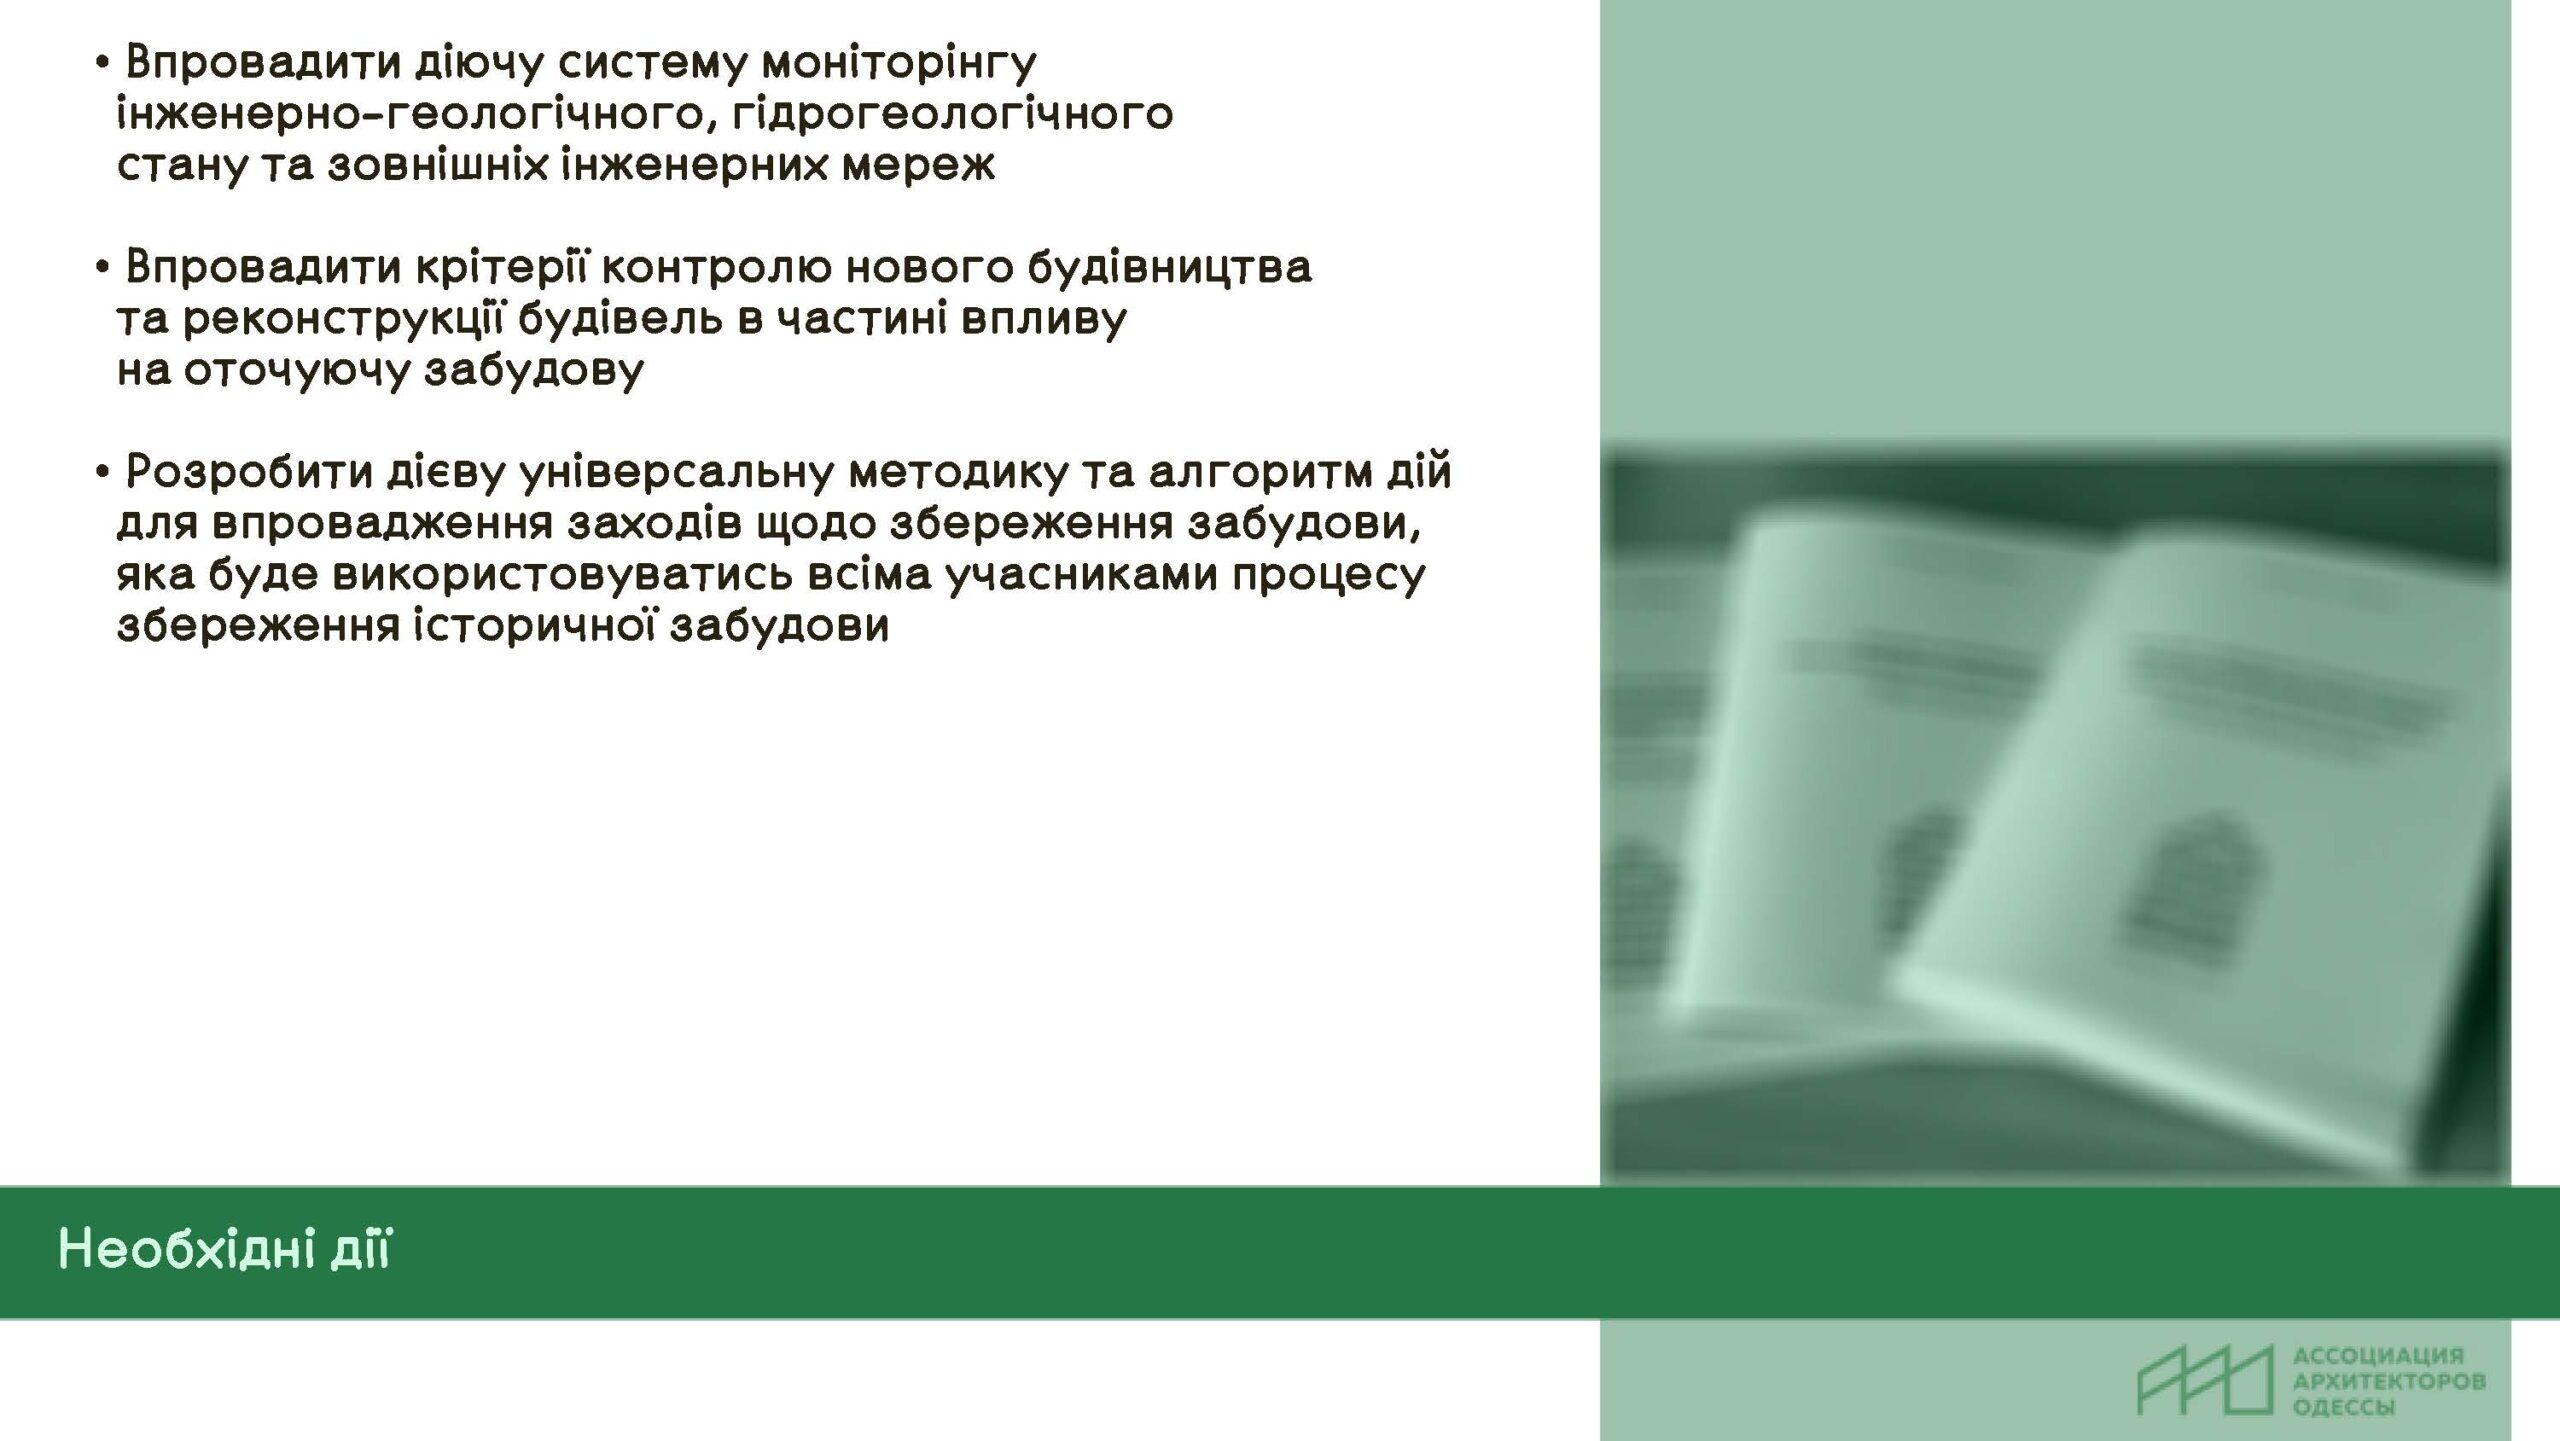 08 ААО Збереження-забудови_Страница_12